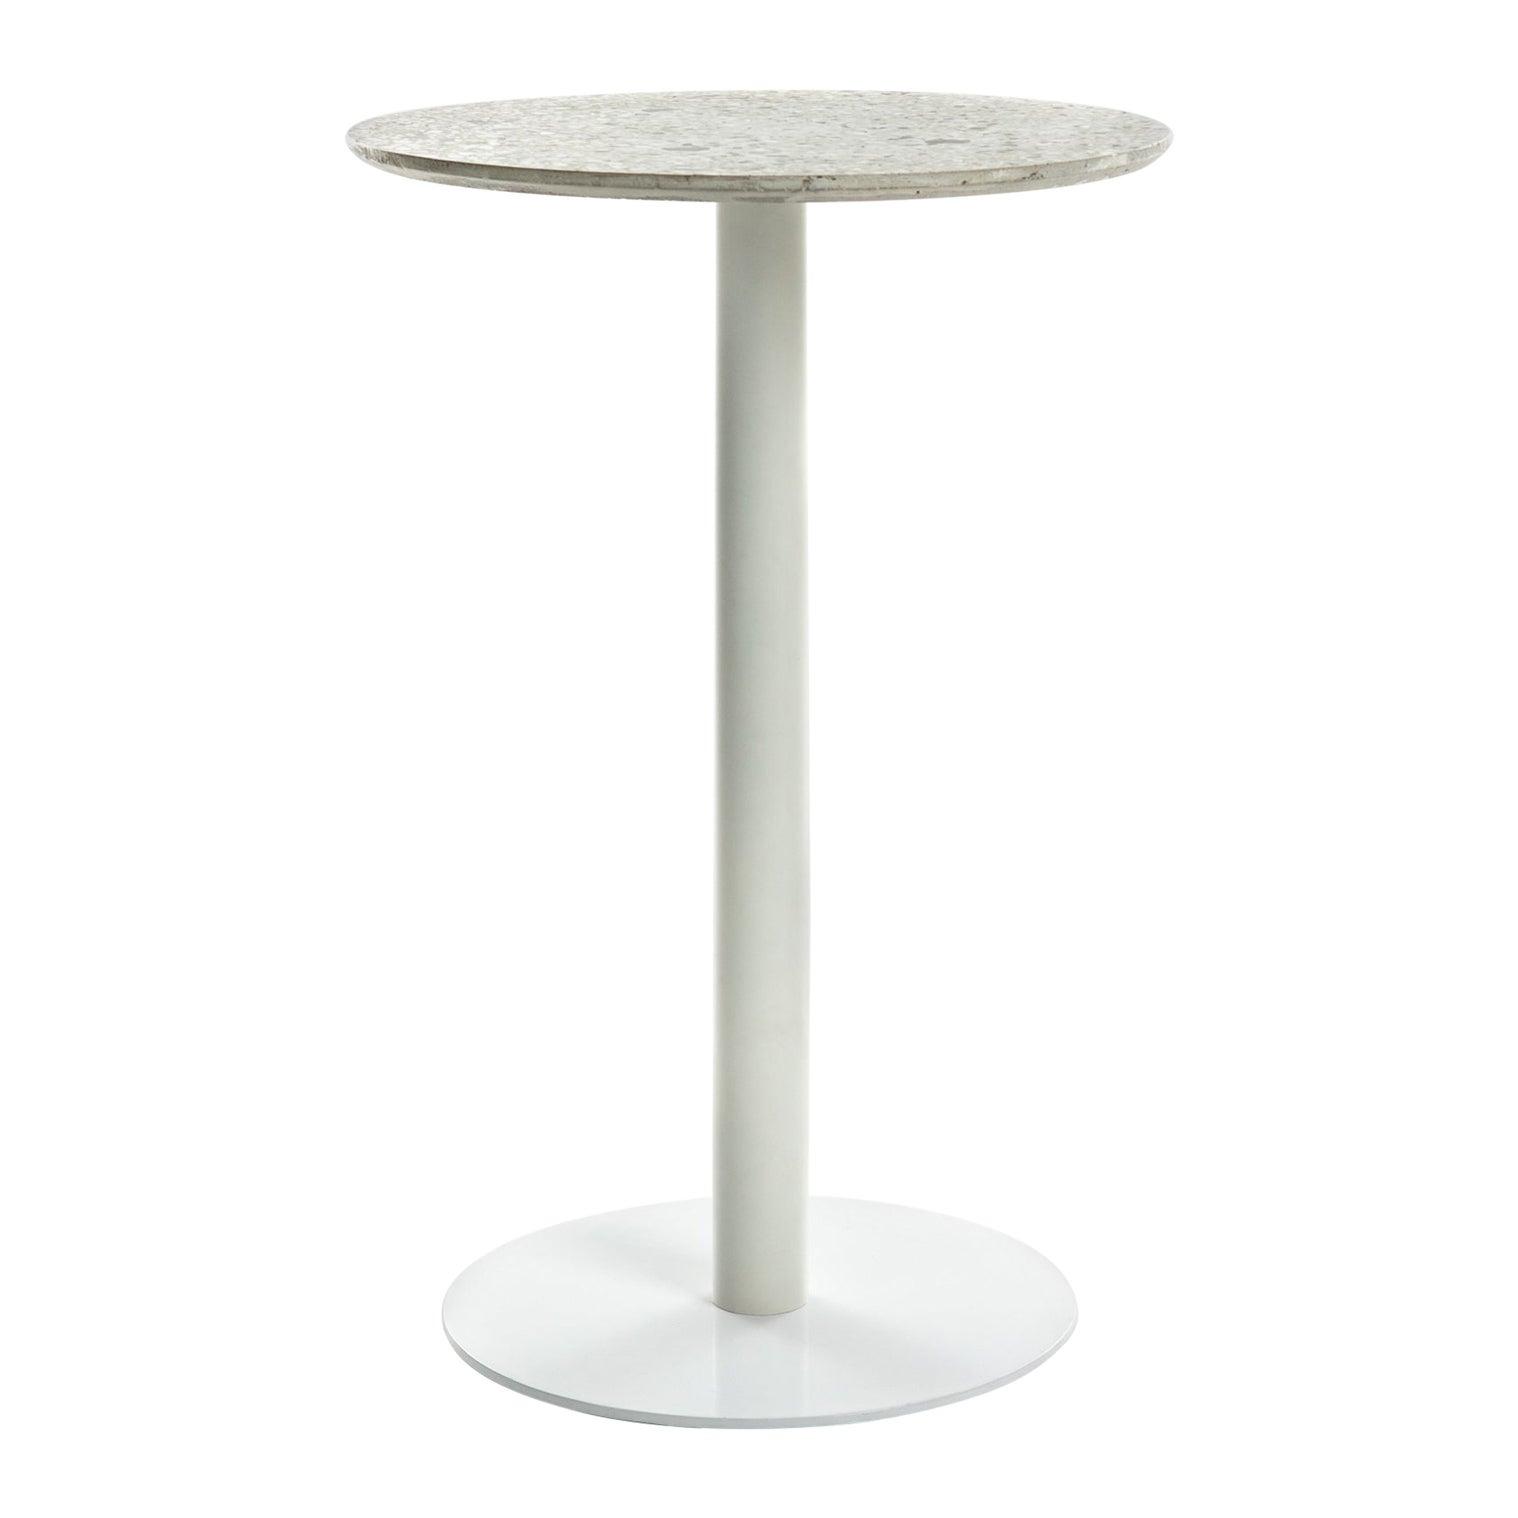 Guéridon / Bistro Table 'I' in White Terrazzo